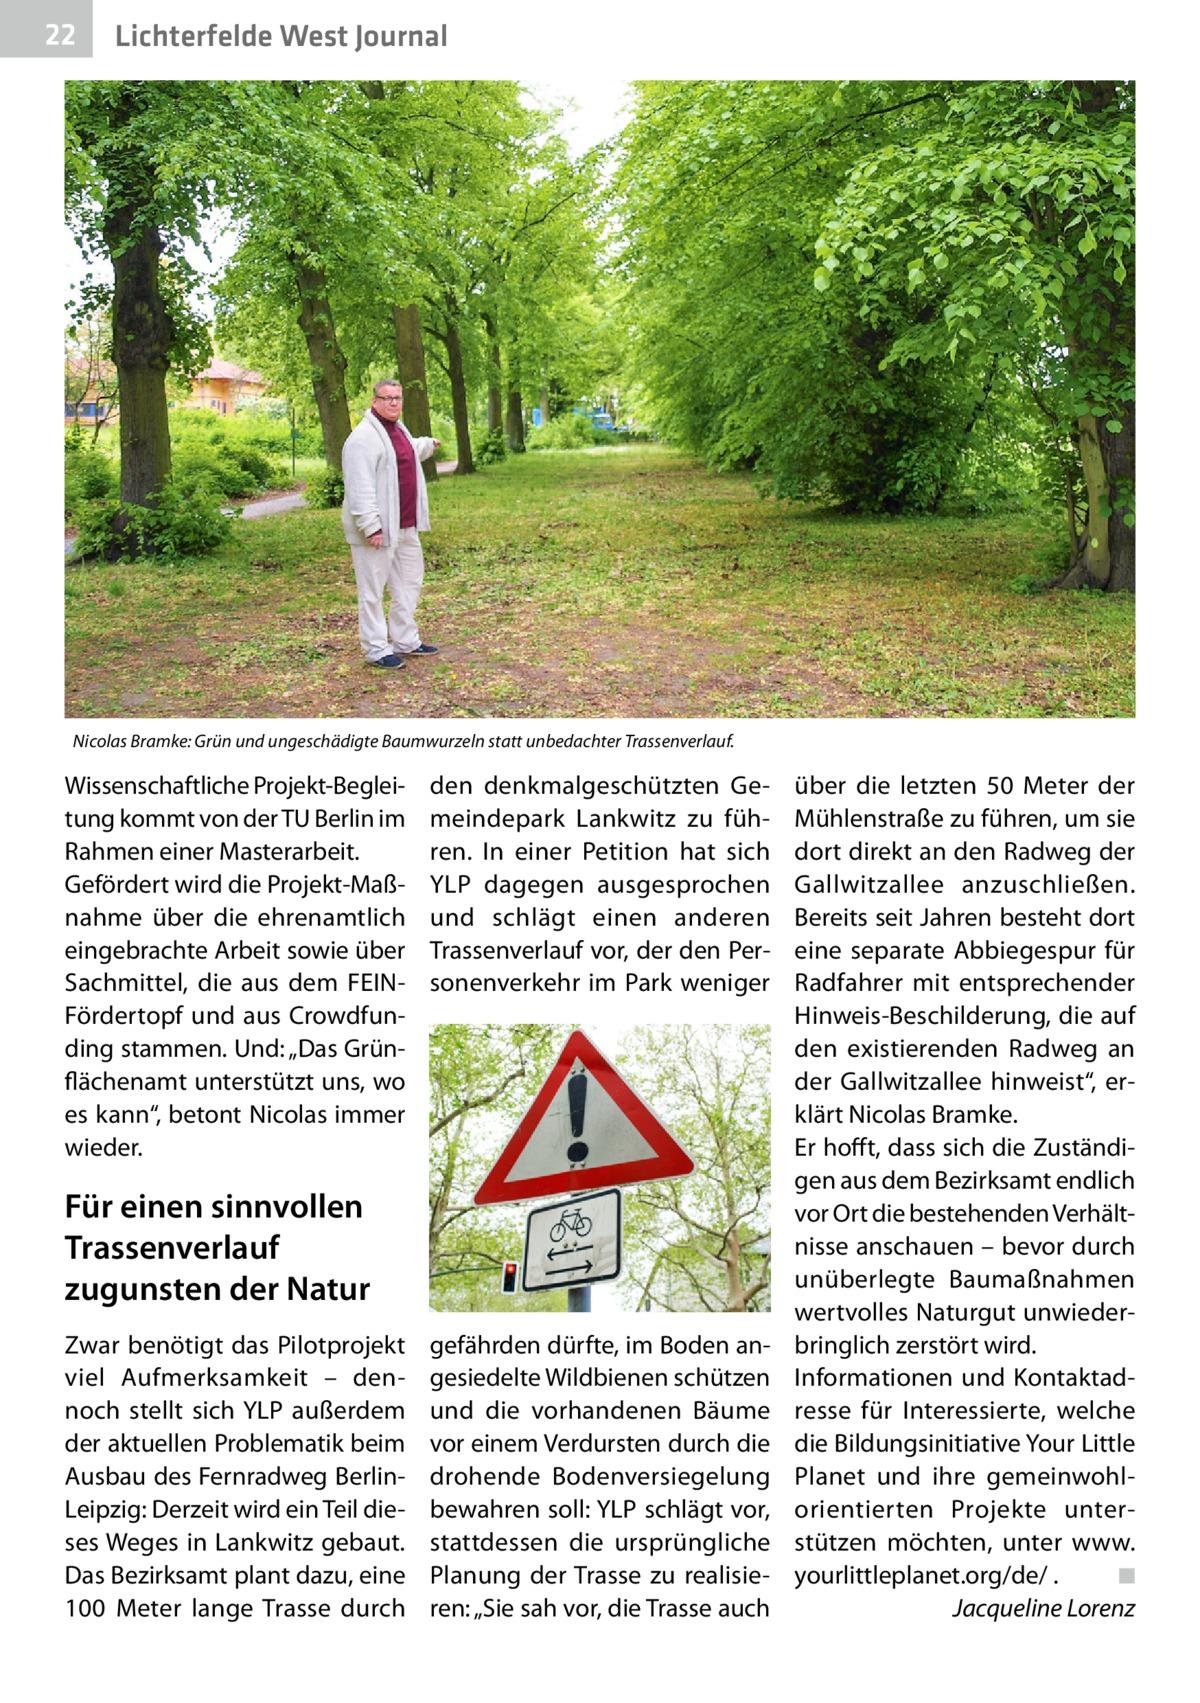 """22  Lichterfelde West Journal  Nicolas Bramke: Grün und ungeschädigte Baumwurzeln statt unbedachter Trassenverlauf.  Wissenschaftliche Projekt-Begleitung kommt von der TU Berlin im Rahmen einer Masterarbeit. Gefördert wird die Projekt-Maßnahme über die ehrenamtlich eingebrachte Arbeit sowie über Sachmittel, die aus dem FEINFördertopf und aus Crowdfunding stammen. Und: """"Das Grünflächenamt unterstützt uns, wo es kann"""", betont Nicolas immer wieder.  den denkmalgeschützten Gemeindepark Lankwitz zu führen. In einer Petition hat sich YLP dagegen ausgesprochen und schlägt einen anderen Trassenverlauf vor, der den Personenverkehr im Park weniger  Für einen sinnvollen Trassenverlauf zugunsten der Natur Zwar benötigt das Pilotprojekt viel Aufmerksamkeit – dennoch stellt sich YLP außerdem der aktuellen Problematik beim Ausbau des Fernradweg BerlinLeipzig: Derzeit wird ein Teil dieses Weges in Lankwitz gebaut. Das Bezirksamt plant dazu, eine 100 Meter lange Trasse durch  gefährden dürfte, im Boden angesiedelte Wildbienen schützen und die vorhandenen Bäume vor einem Verdursten durch die drohende Bodenversiegelung bewahren soll: YLP schlägt vor, stattdessen die ursprüngliche Planung der Trasse zu realisieren: """"Sie sah vor, die Trasse auch  über die letzten 50 Meter der Mühlenstraße zu führen, um sie dort direkt an den Radweg der Gallwitzallee anzuschließen. Bereits seit Jahren besteht dort eine separate Abbiegespur für Radfahrer mit entsprechender Hinweis-Beschilderung, die auf den existierenden Radweg an der Gallwitzallee hinweist"""", erklärt Nicolas Bramke. Er hofft, dass sich die Zuständigen aus dem Bezirksamt endlich vor Ort die bestehenden Verhältnisse anschauen – bevor durch unüberlegte Baumaßnahmen wertvolles Naturgut unwiederbringlich zerstört wird. Informationen und Kontaktadresse für Interessierte, welche die Bildungsinitiative Your Little Planet und ihre gemeinwohlorientierten Projekte unterstützen möchten, unter www. yourlittleplanet.org/de/ . � ◾ � Jacqueline Lorenz"""